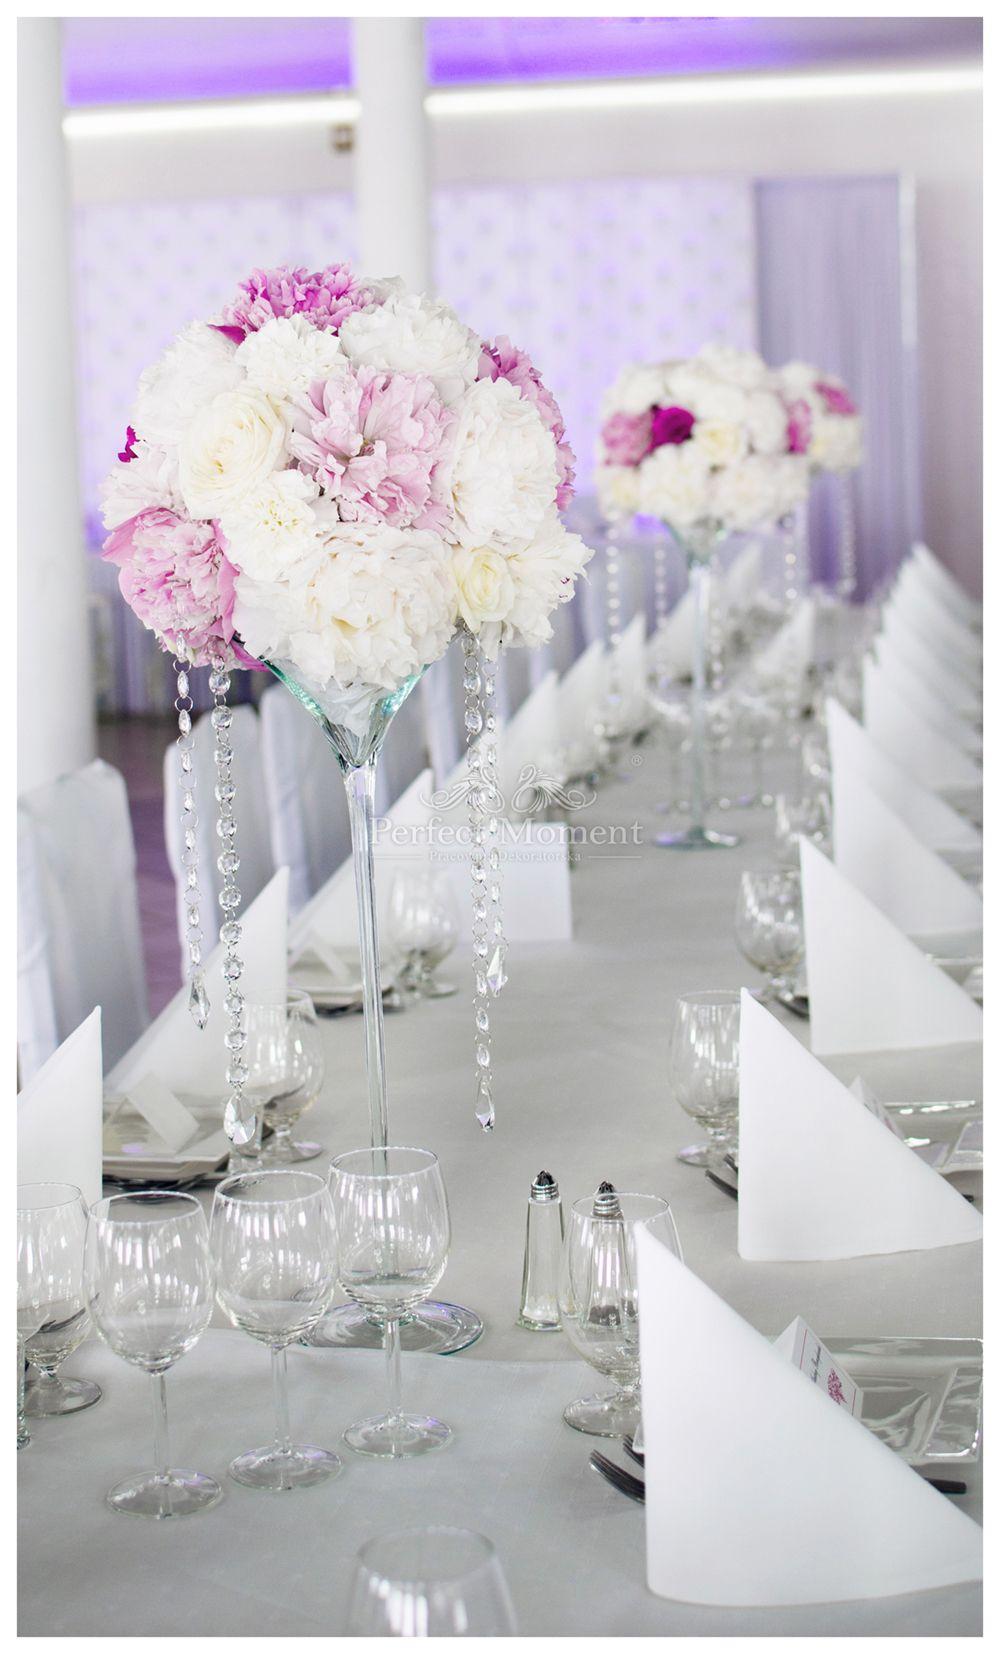 Dekoracja Stolu Gosci Miejsce U Wielgolaskich Realizacja Https Www Facebook Com Dekoracje Perfec Floral Wedding Bridal Decorations Wedding Decorations